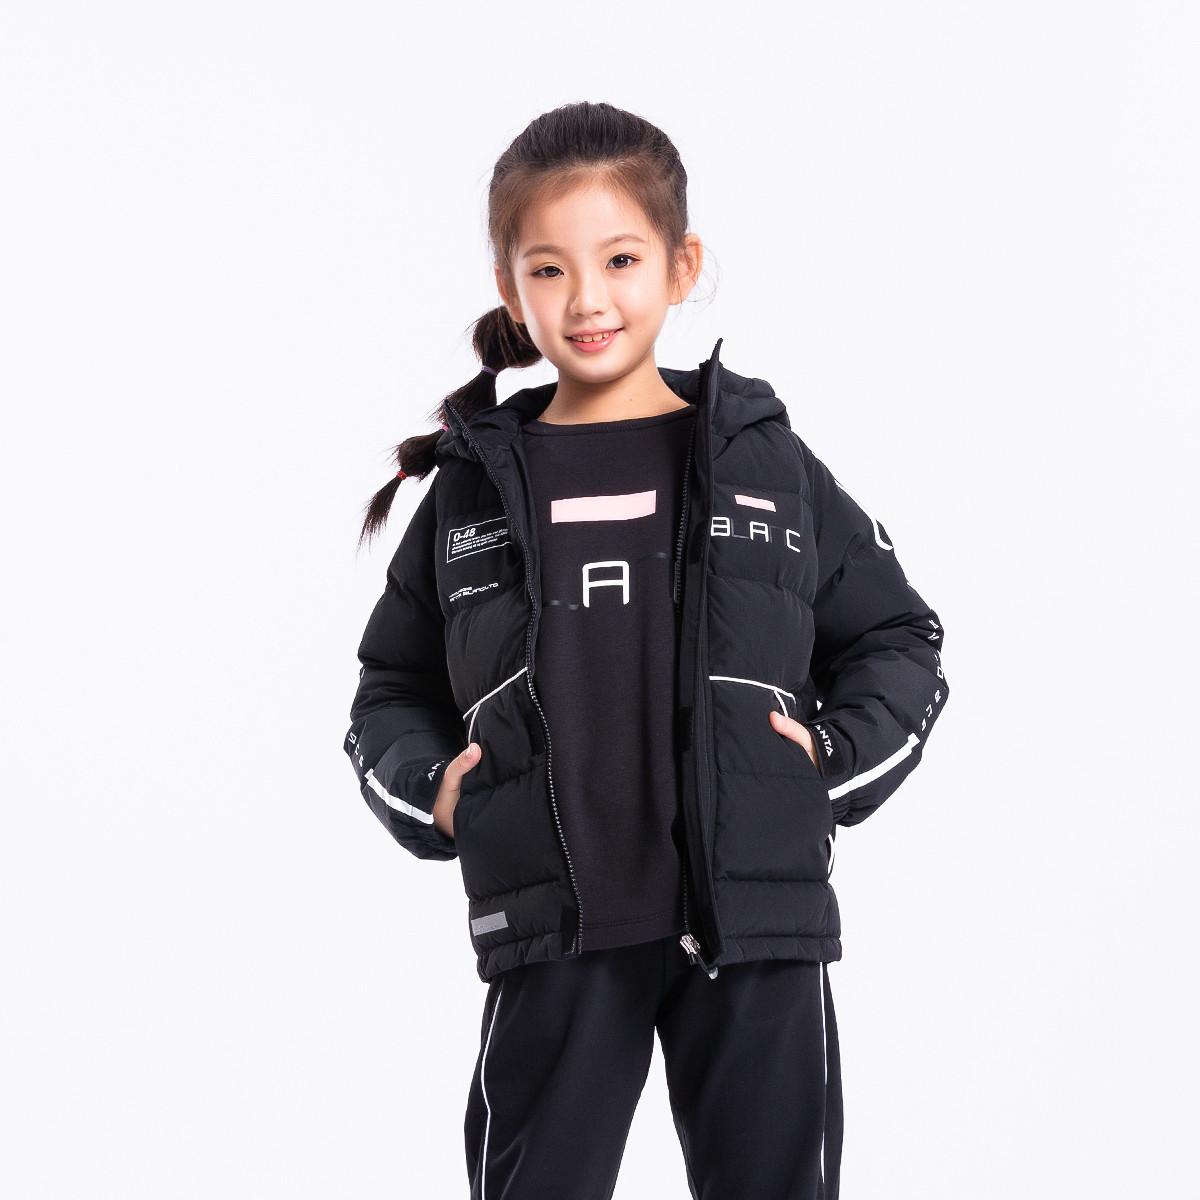 安踏安踏儿童 女中大童加厚保暖羽绒服时尚拼接运动潮款外套上衣36848911-3